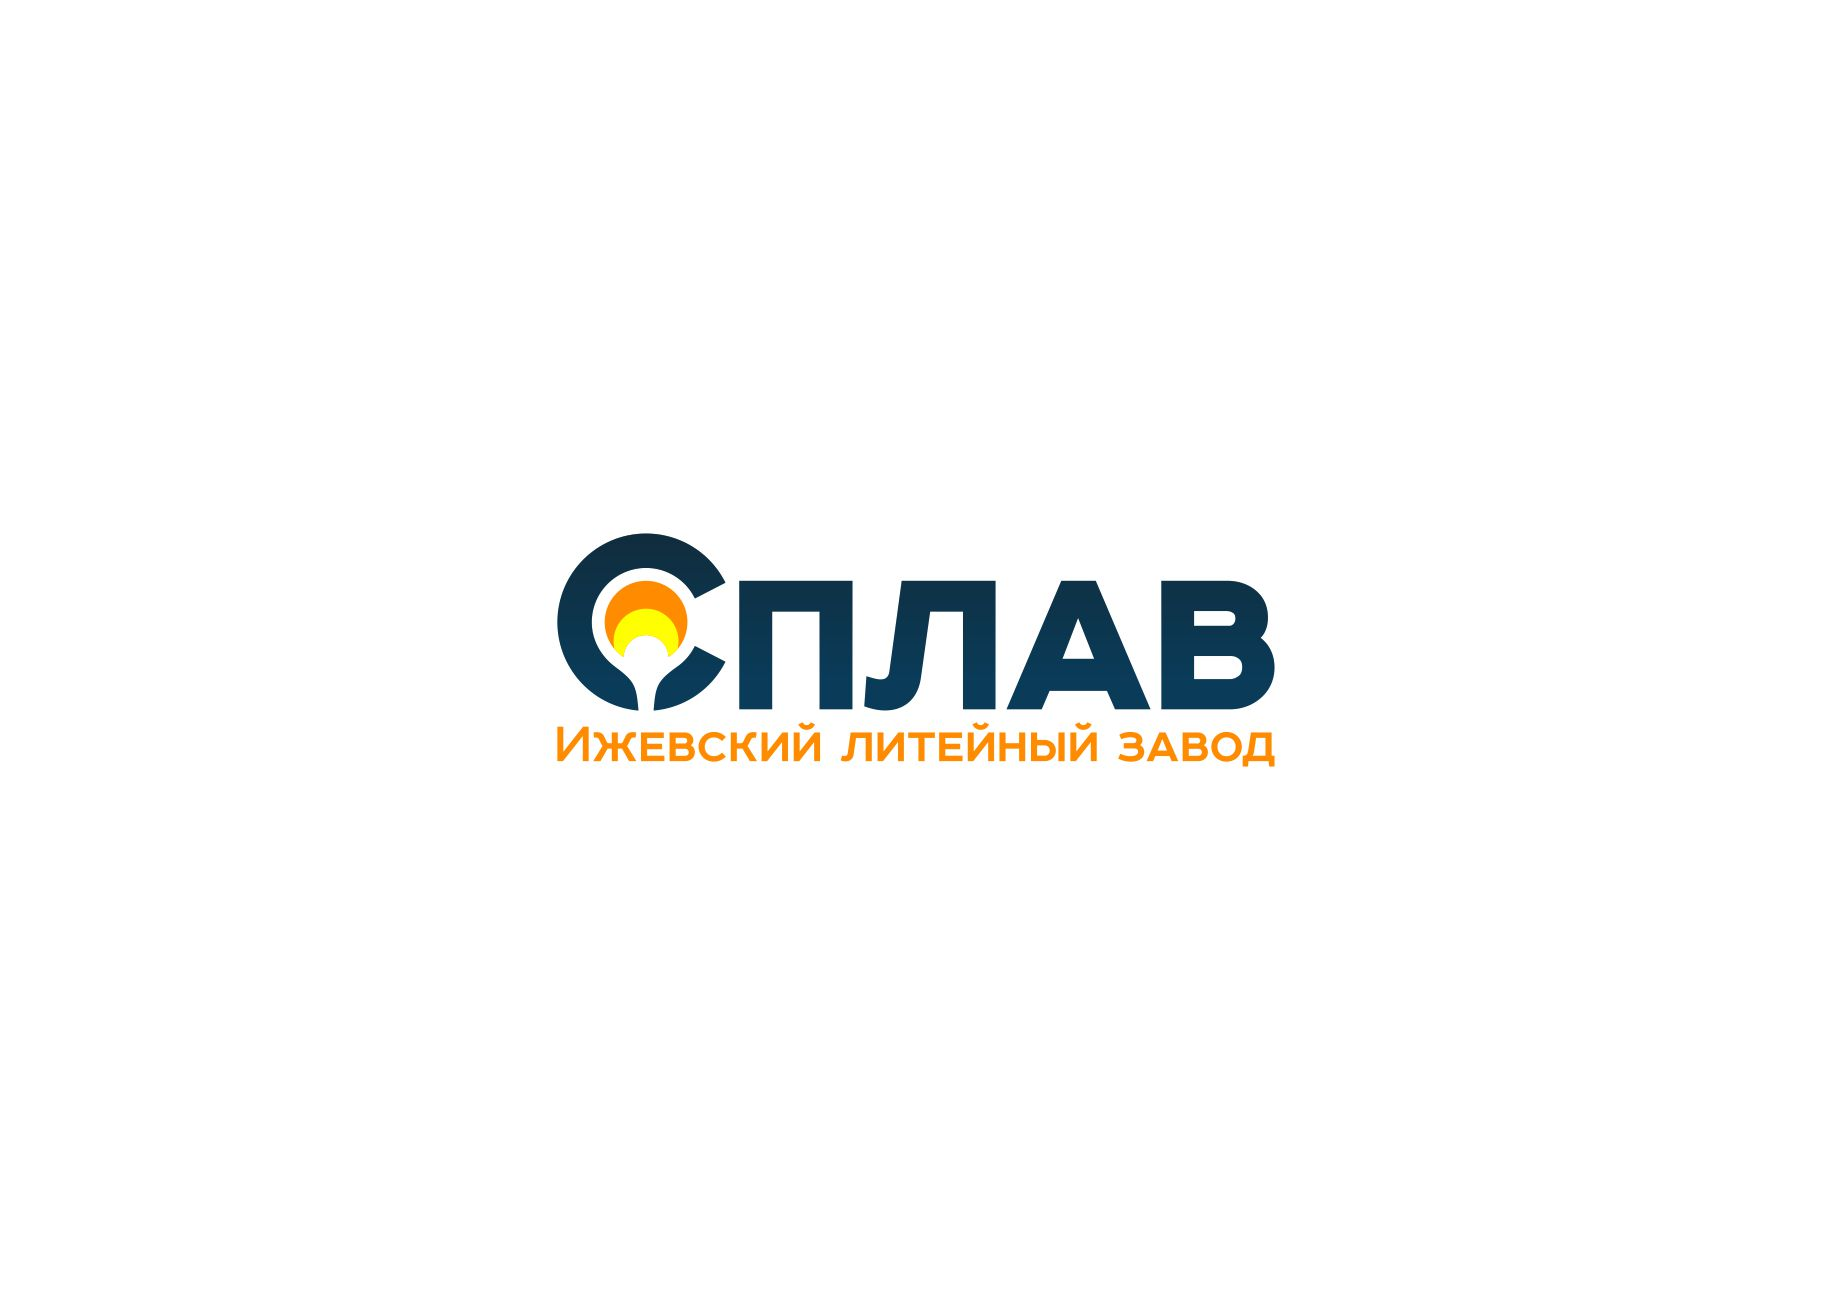 Разработать логотип для литейного завода фото f_6085afabeea8a581.jpg